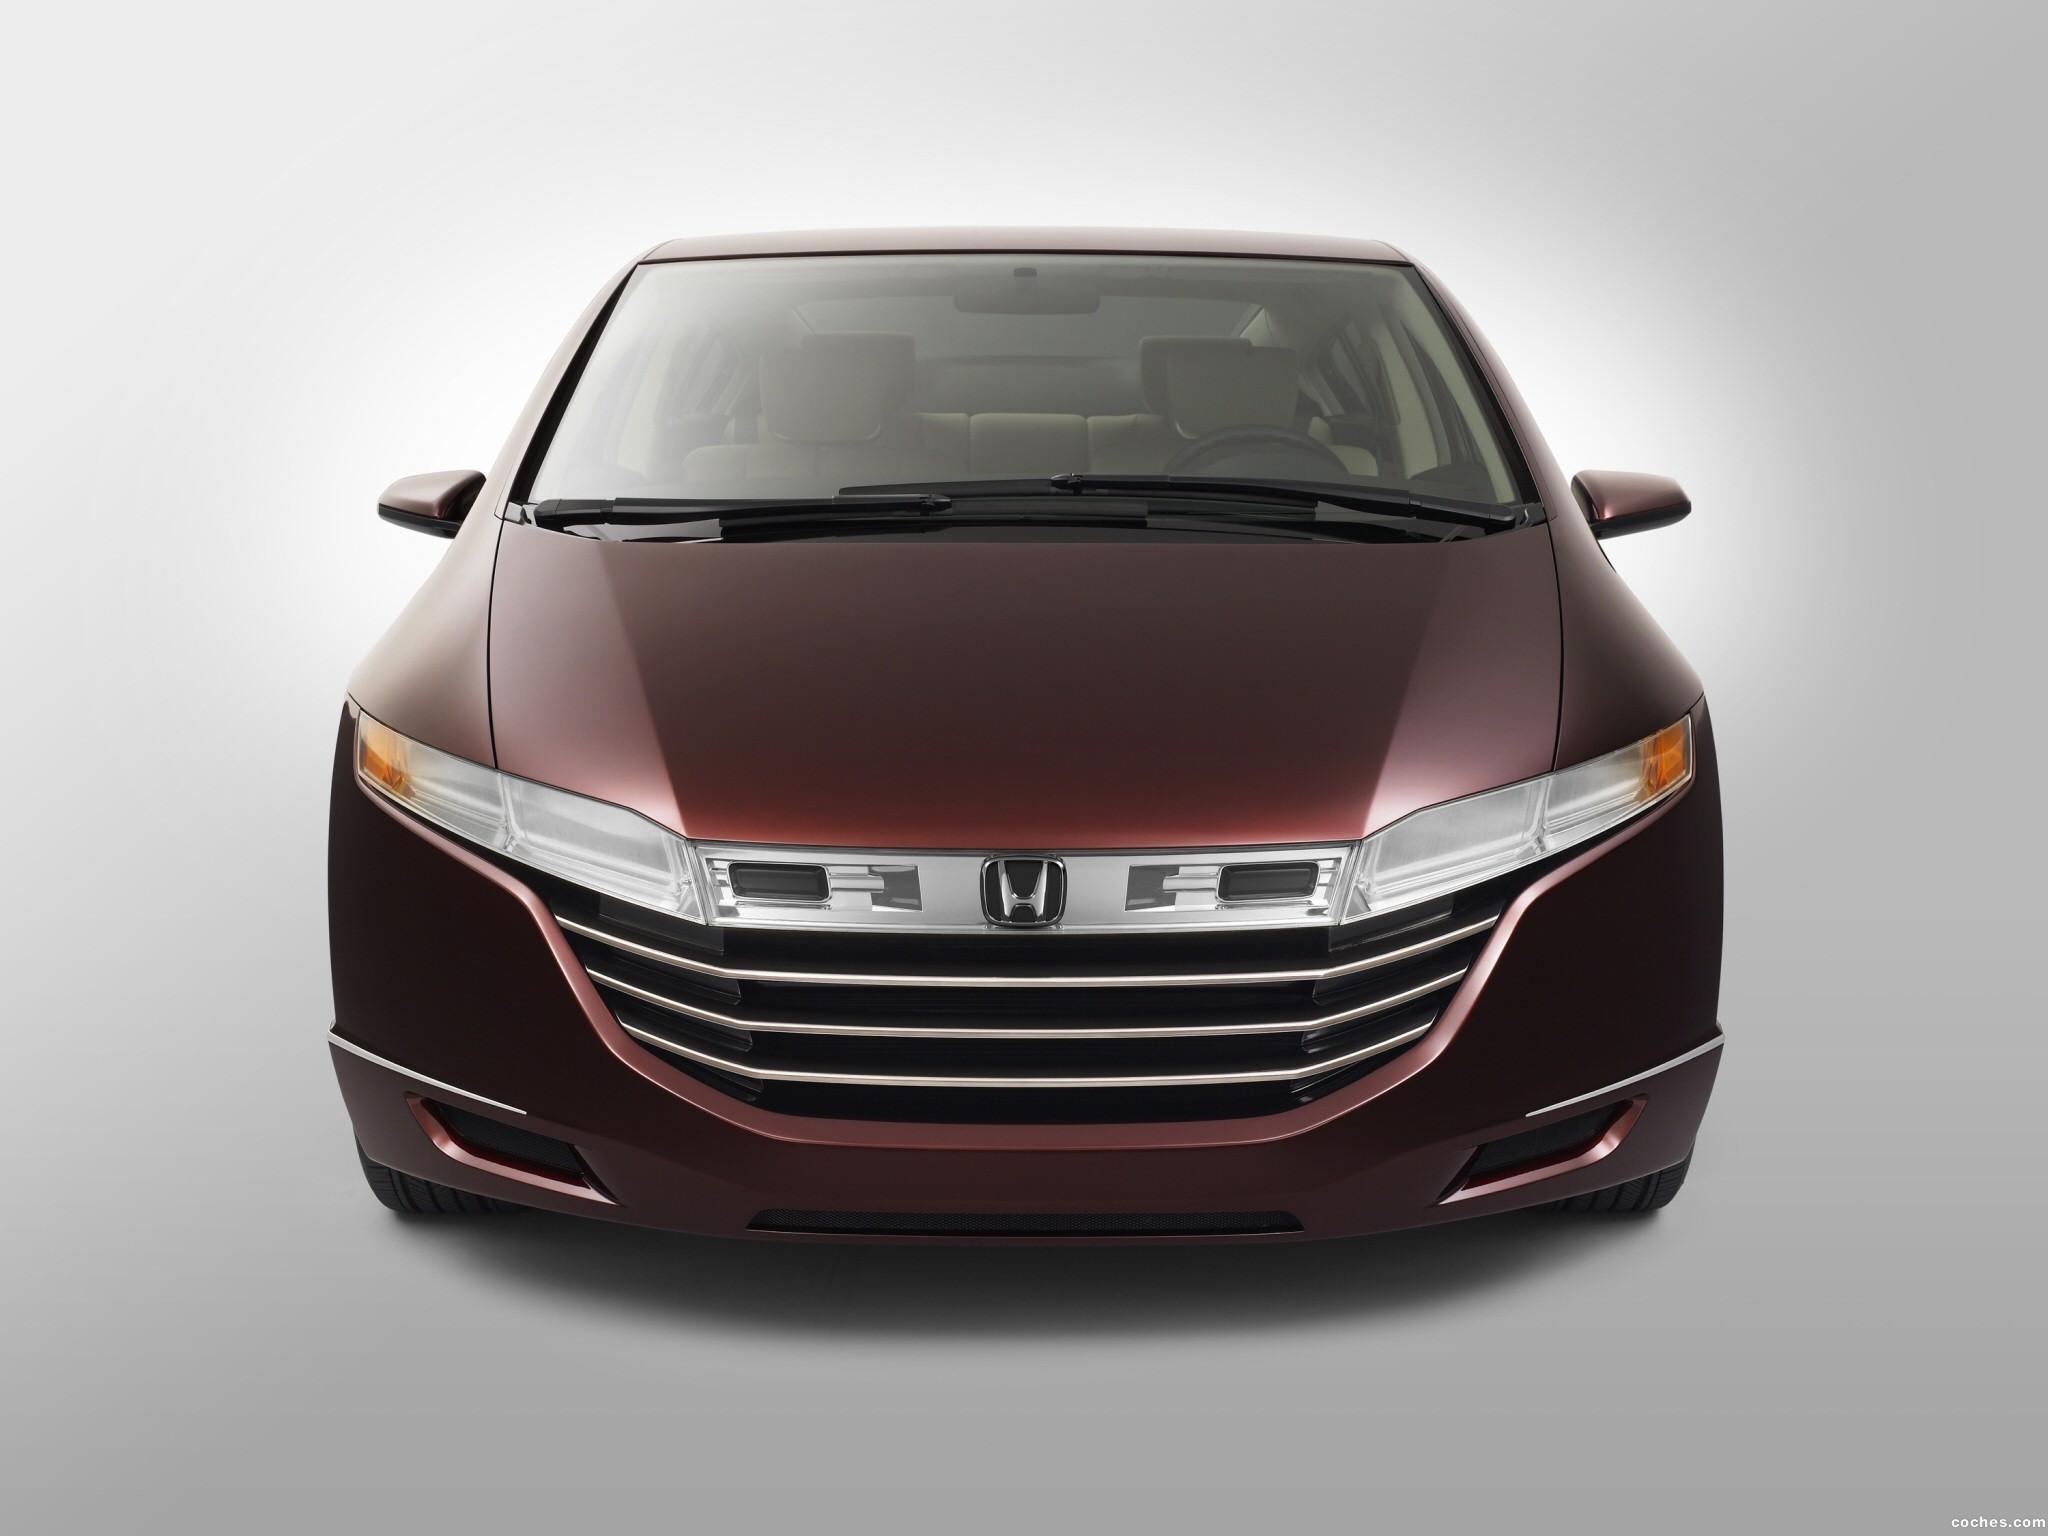 Foto 10 de Honda FCX Concept 2006